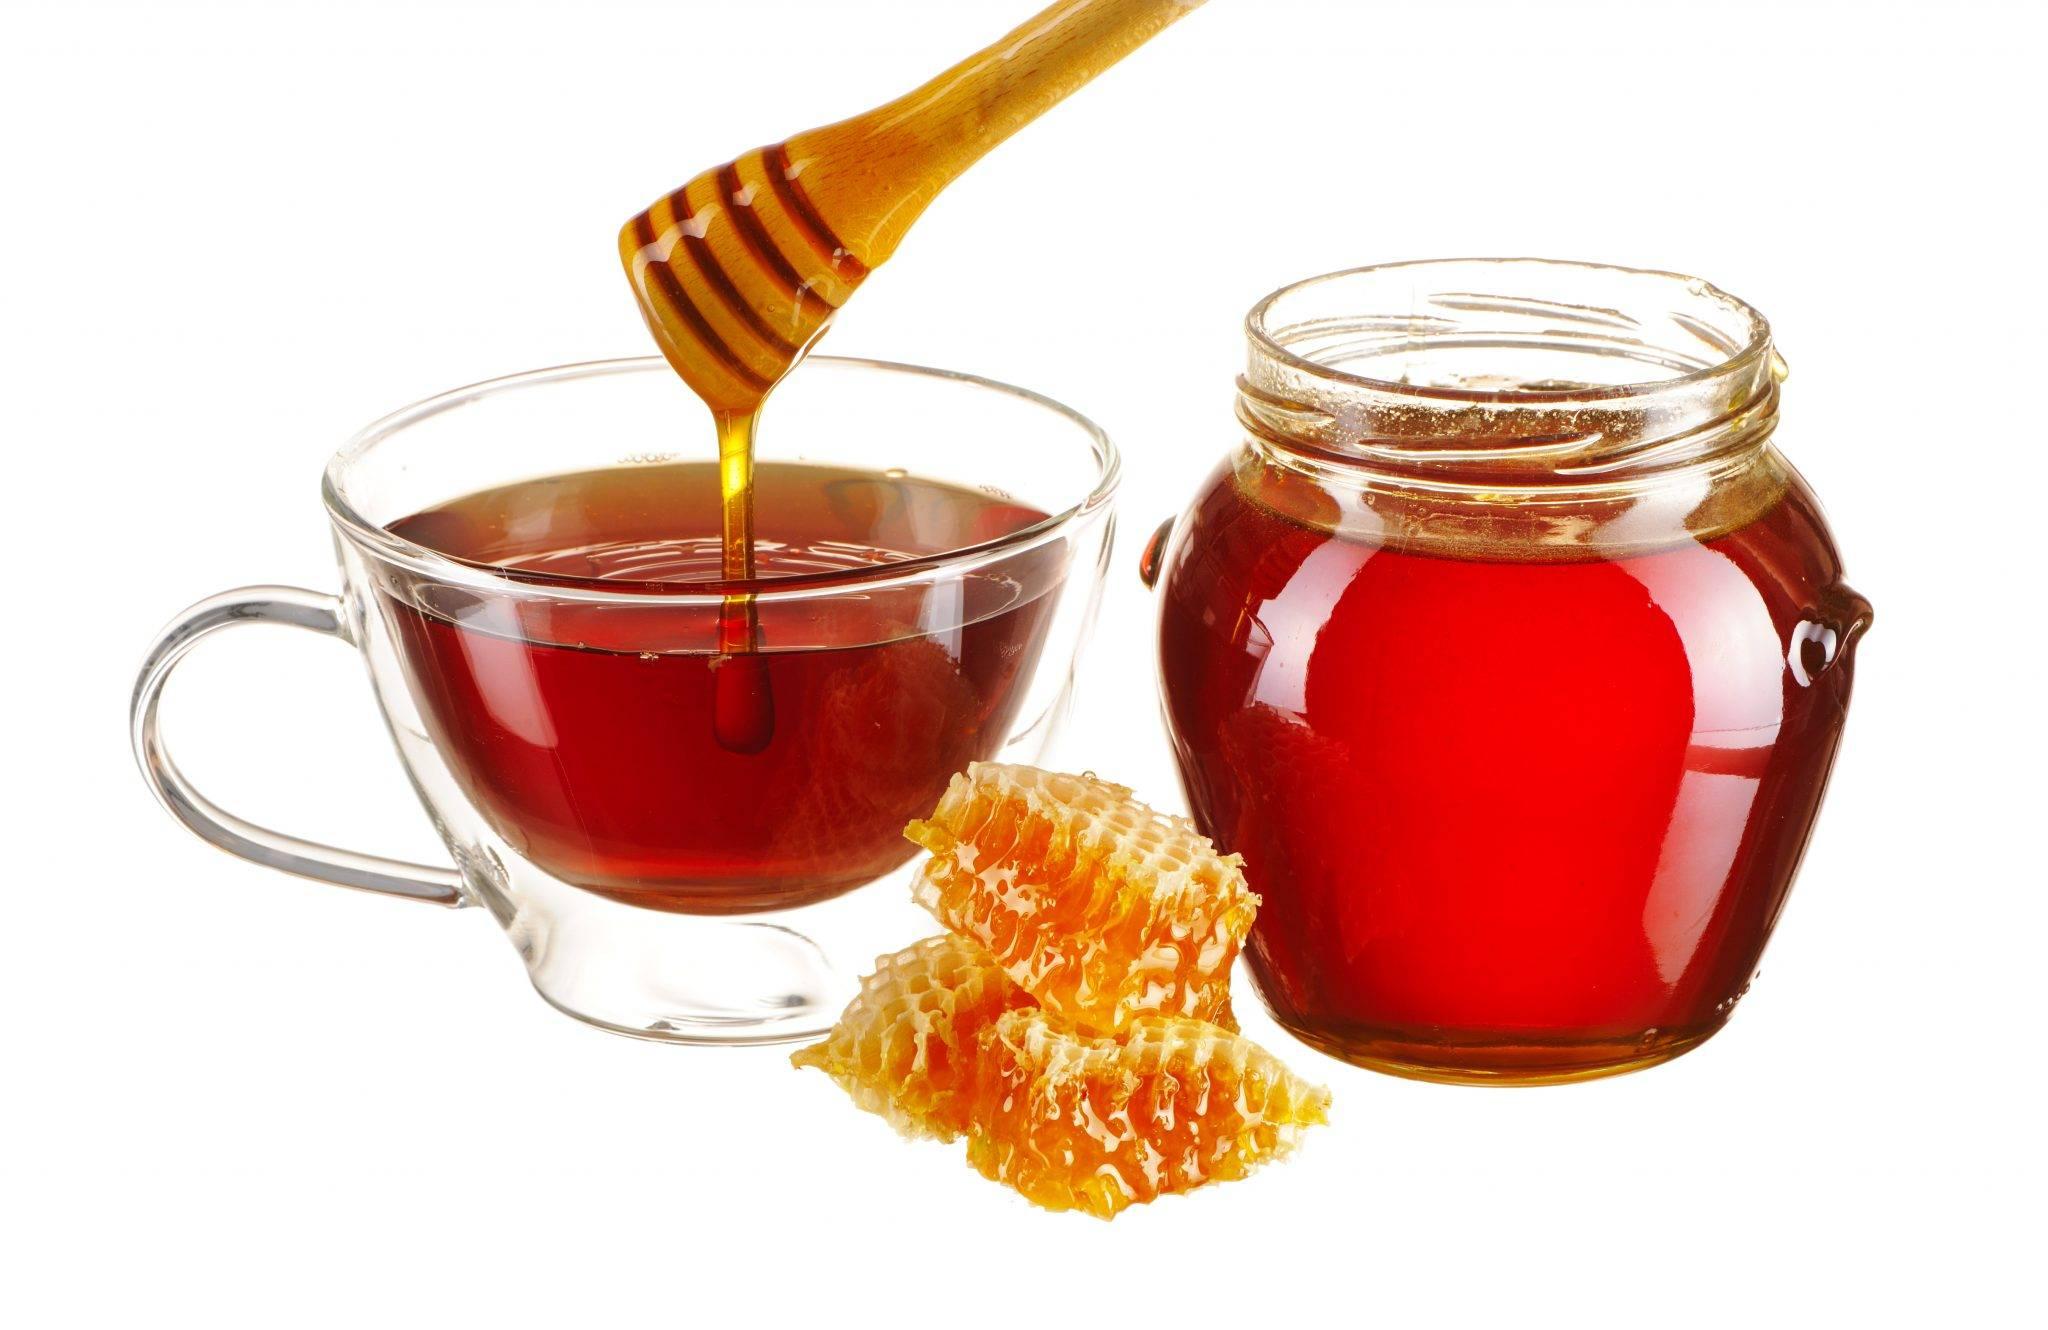 Вопрос «можно ли пить горячий чай с медом» волнует очень многих